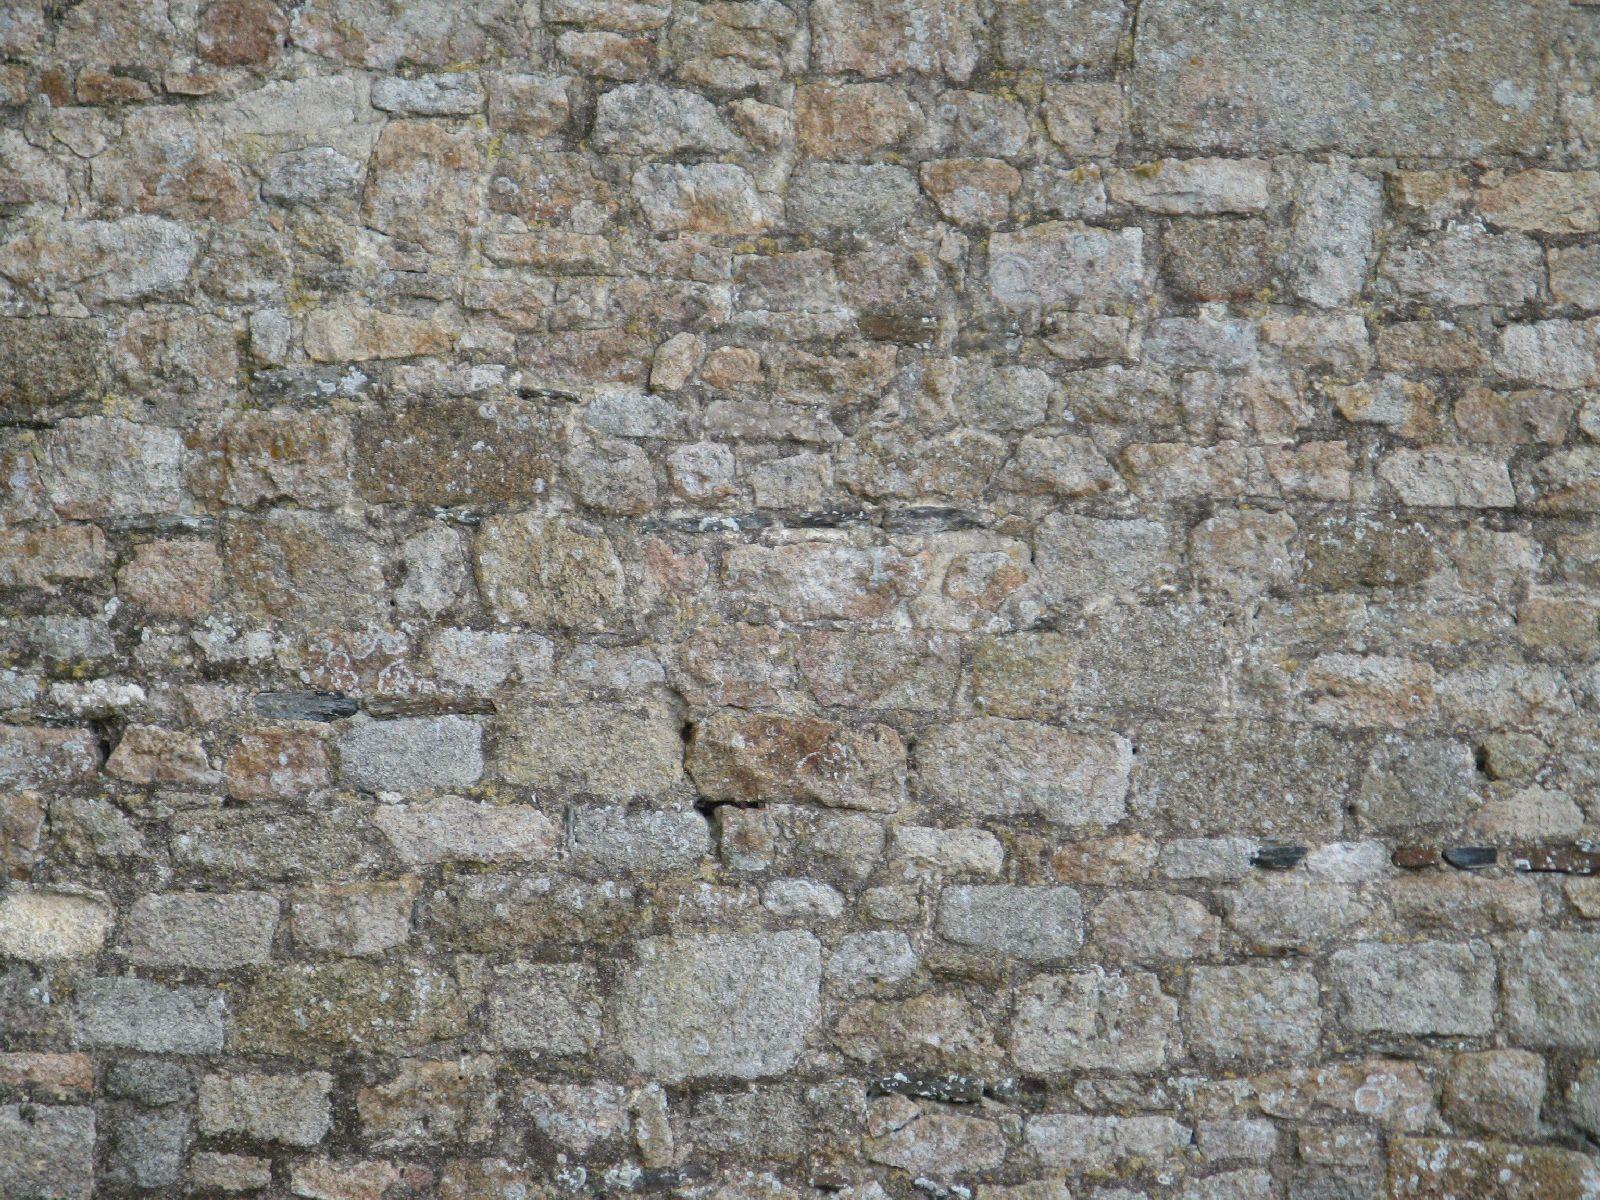 Wand-Bruchstein_Textur_B_1680